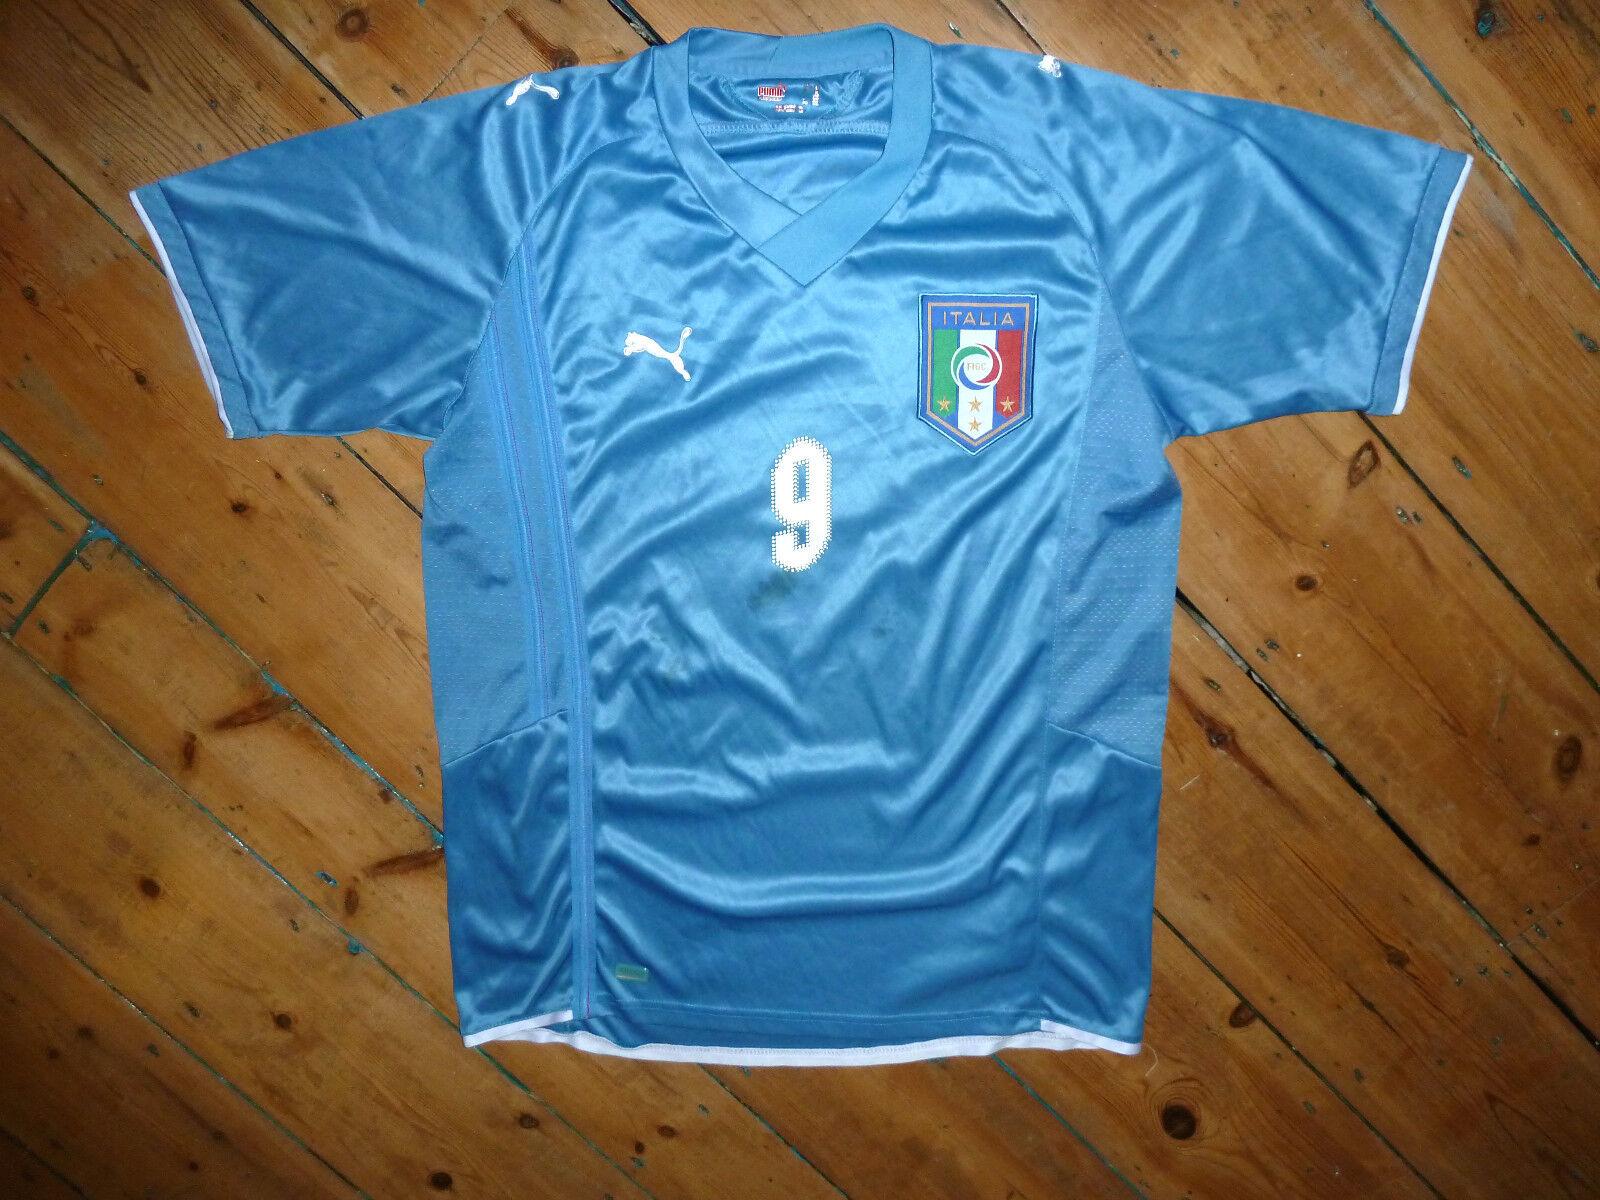 Toni + Italia Camiseta 2a Equipación XL Puma 2010 Maillot Maglla